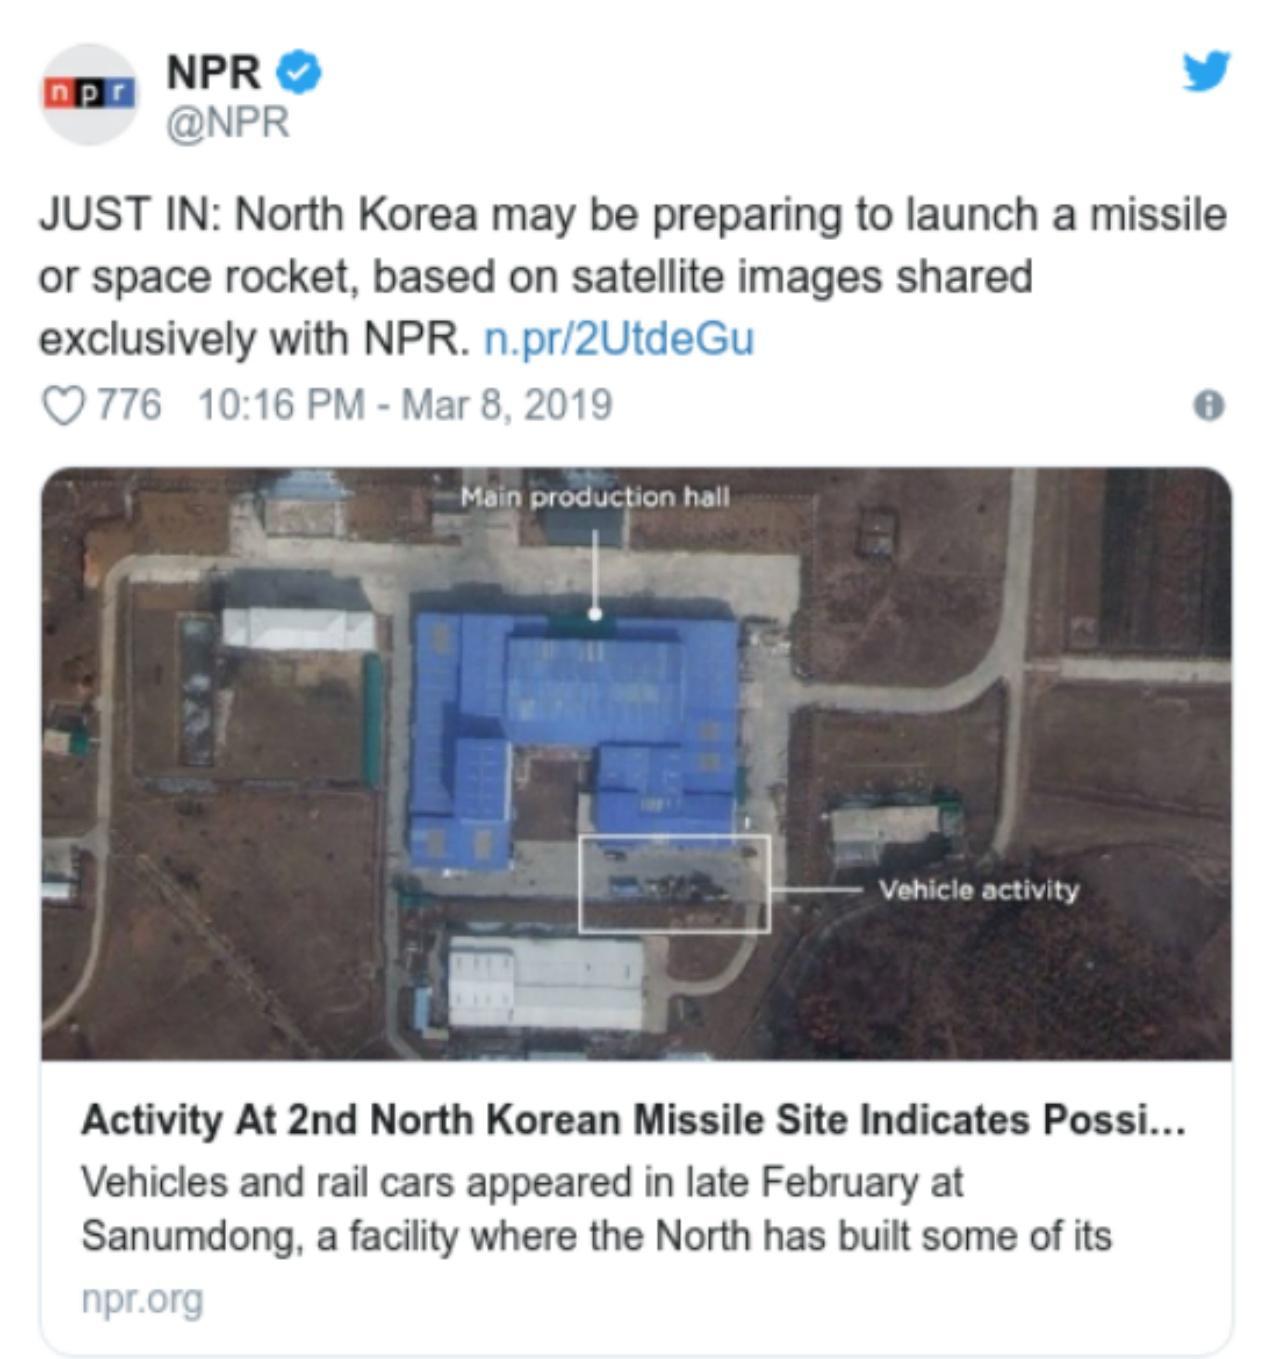 ทวิตเตอร์ของNPR  เผยแพร่ภาพถ่ายดาวเทียม พบความเคลื่อนไหวที่ศูนย์ยิงจรวด ชานัมดอง คาดเกาหลีเหนืออาจเตรียมตัวยิงขีปนาวุธครั้งใหม่